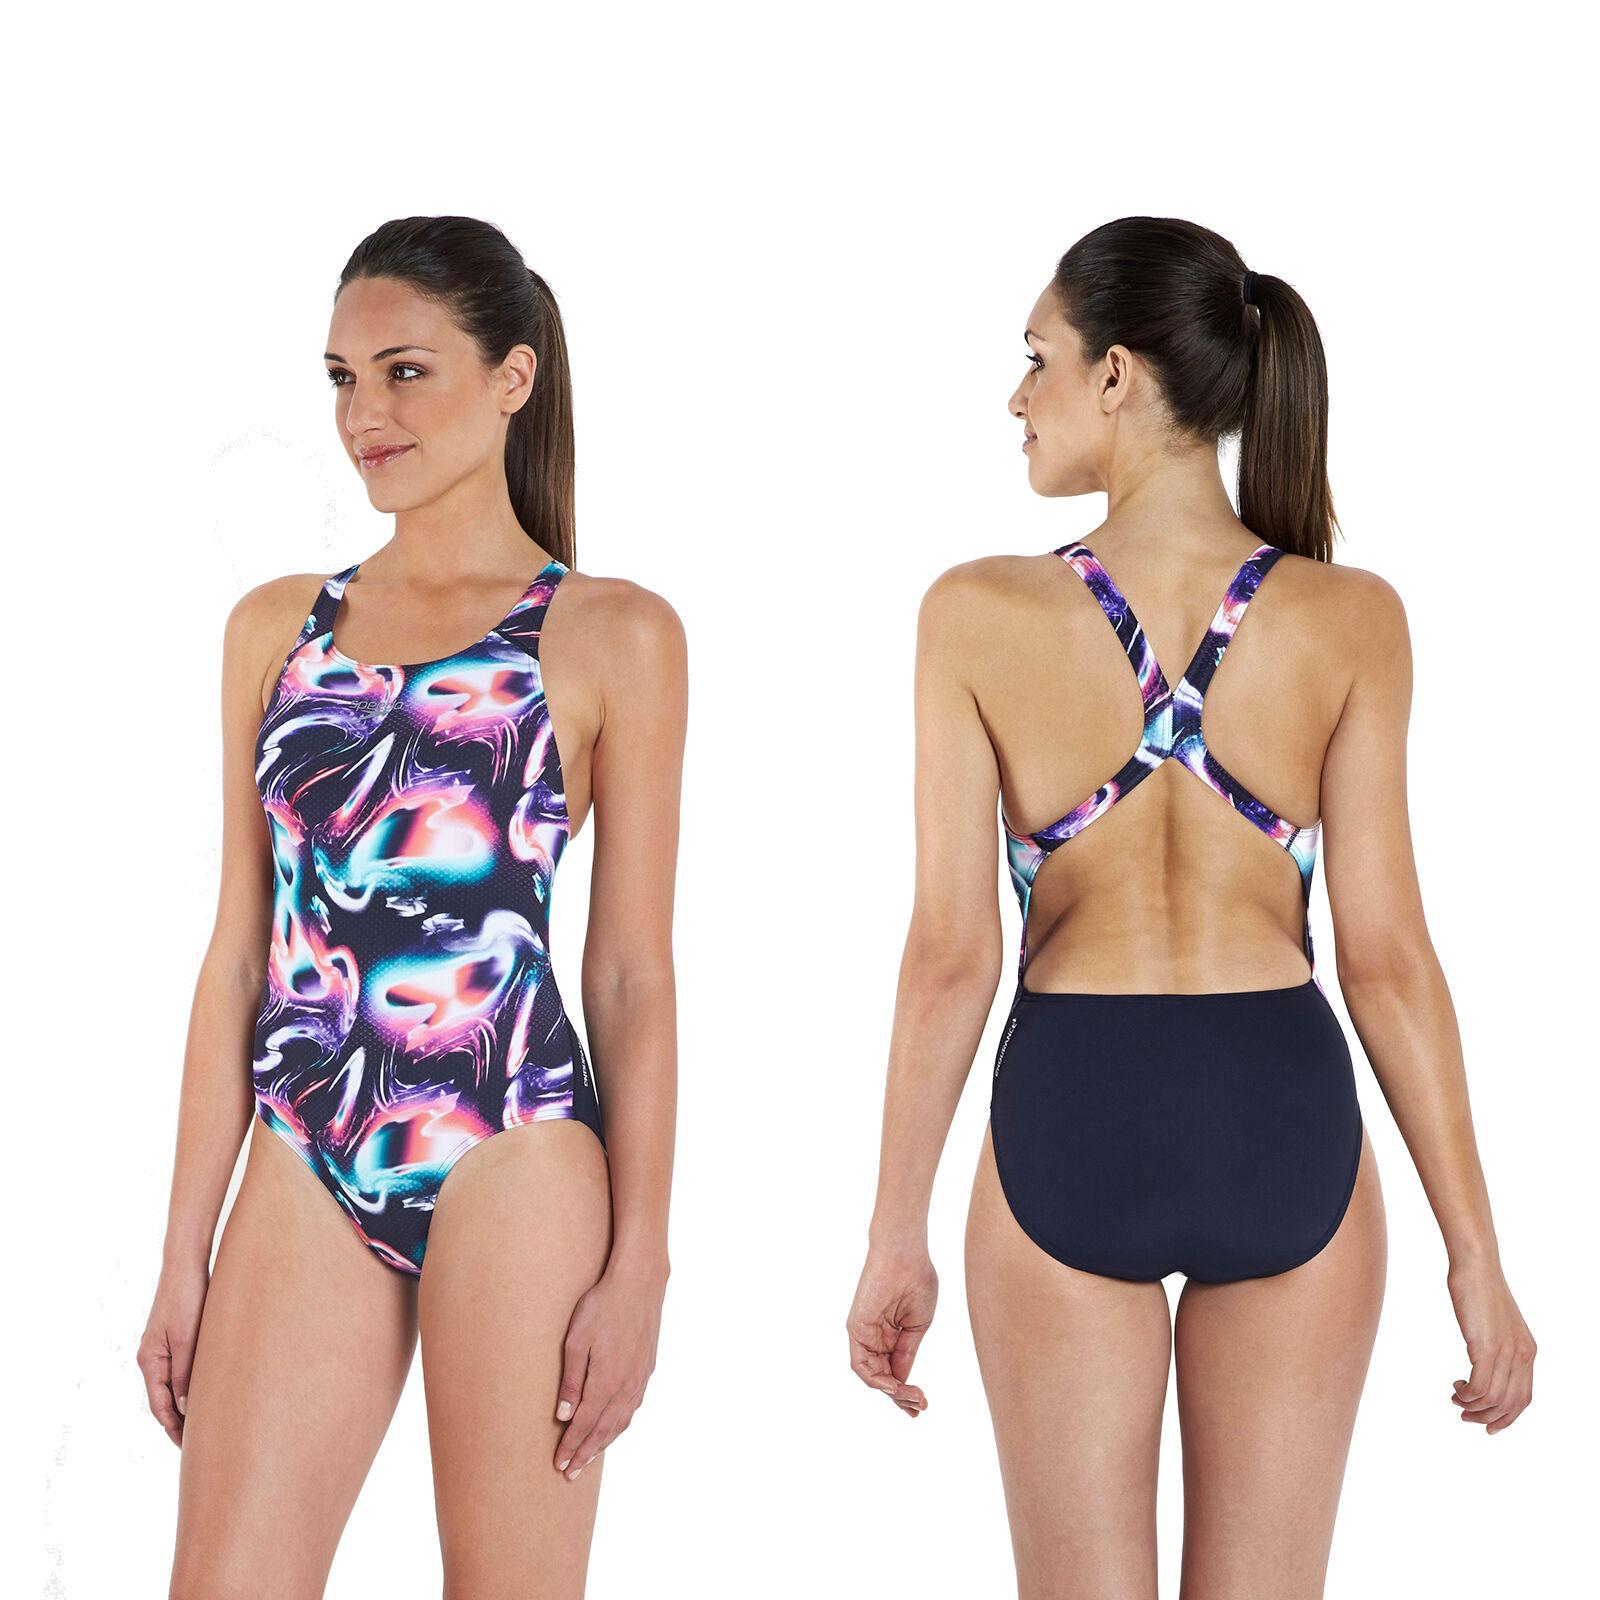 Speedo Badeanzug Schwimmanzug Damen Frauen Powerback Bademode Endurance+ 134